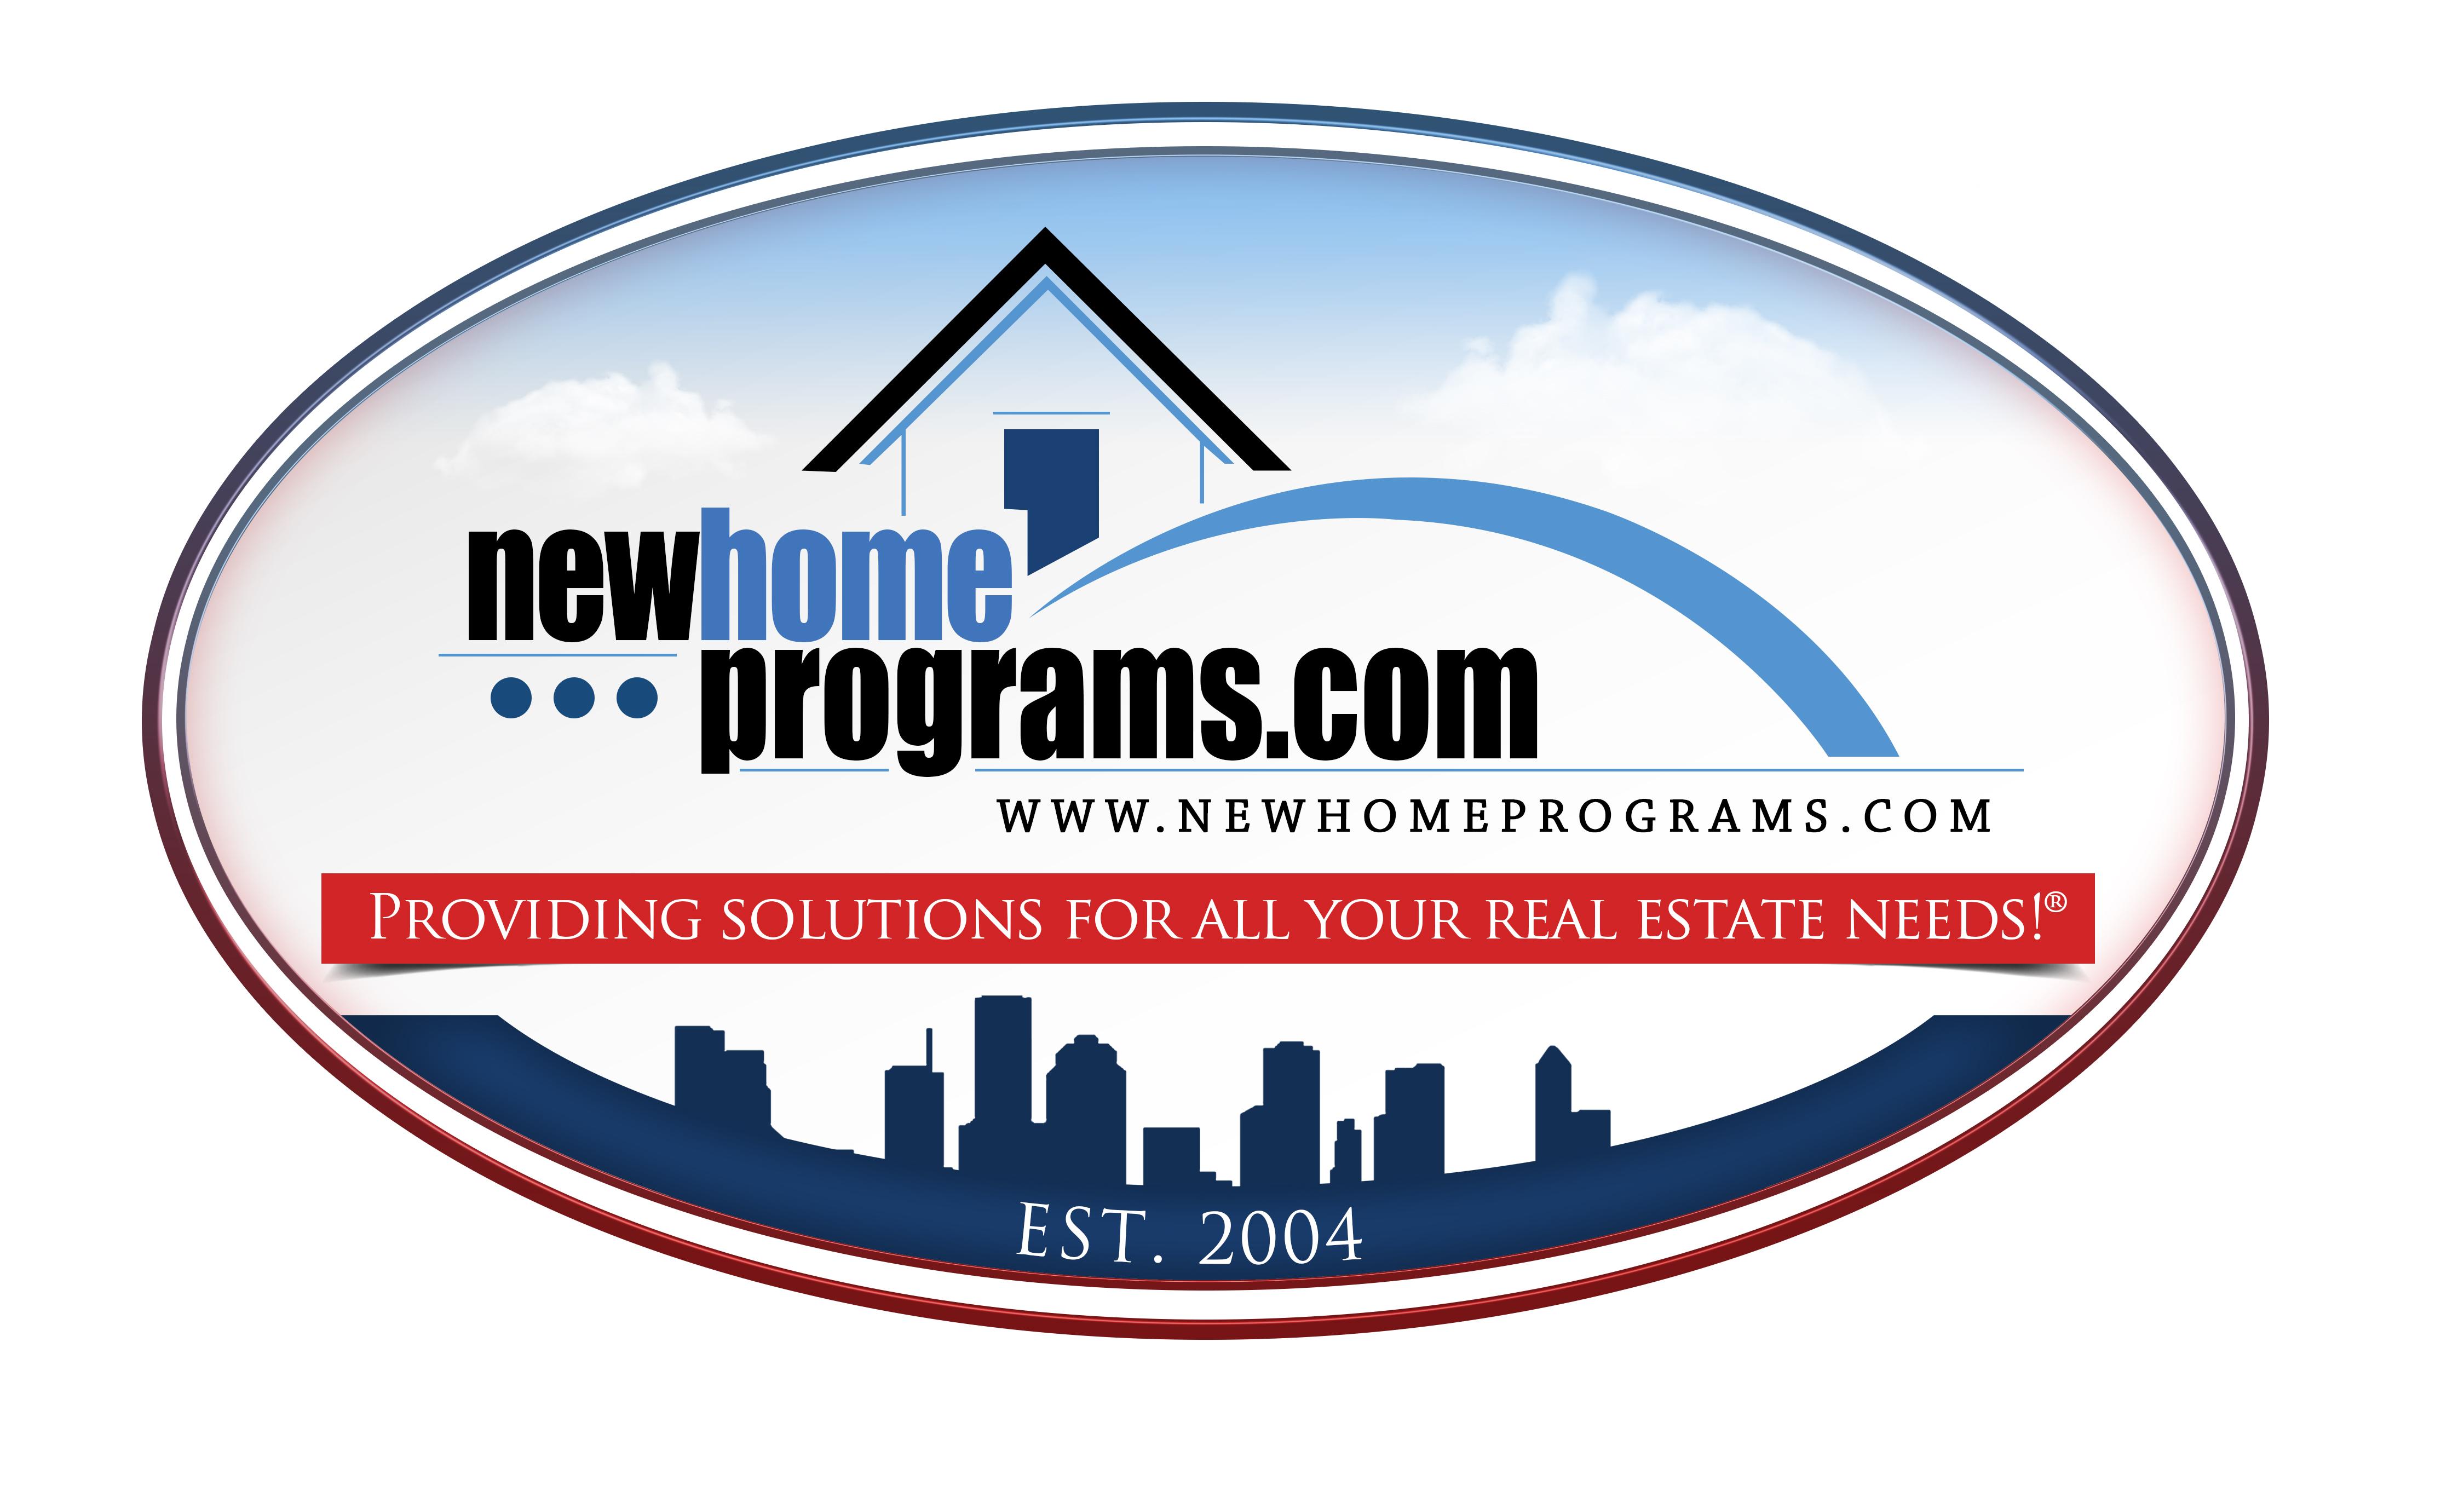 Newhomeprograms.com LLC logo